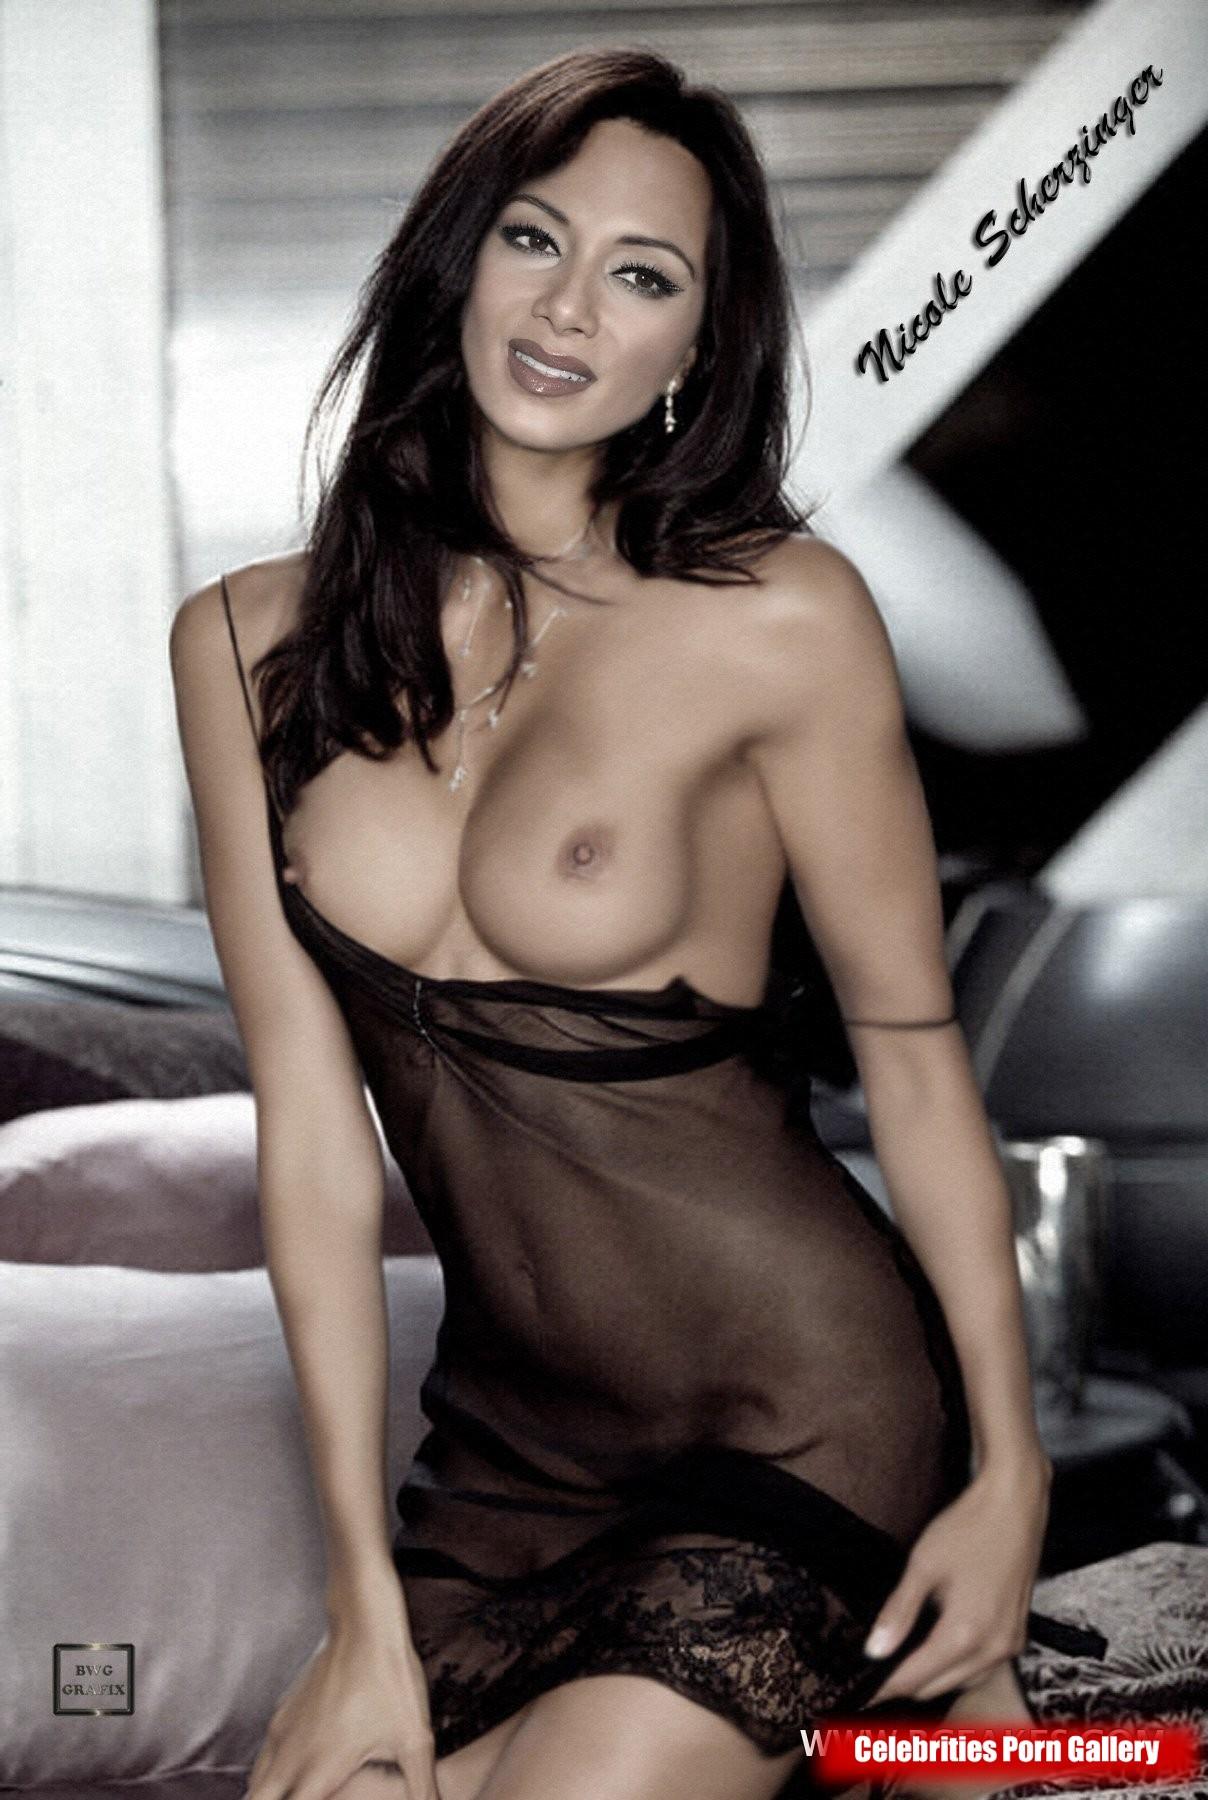 Nicole scherzinger sex